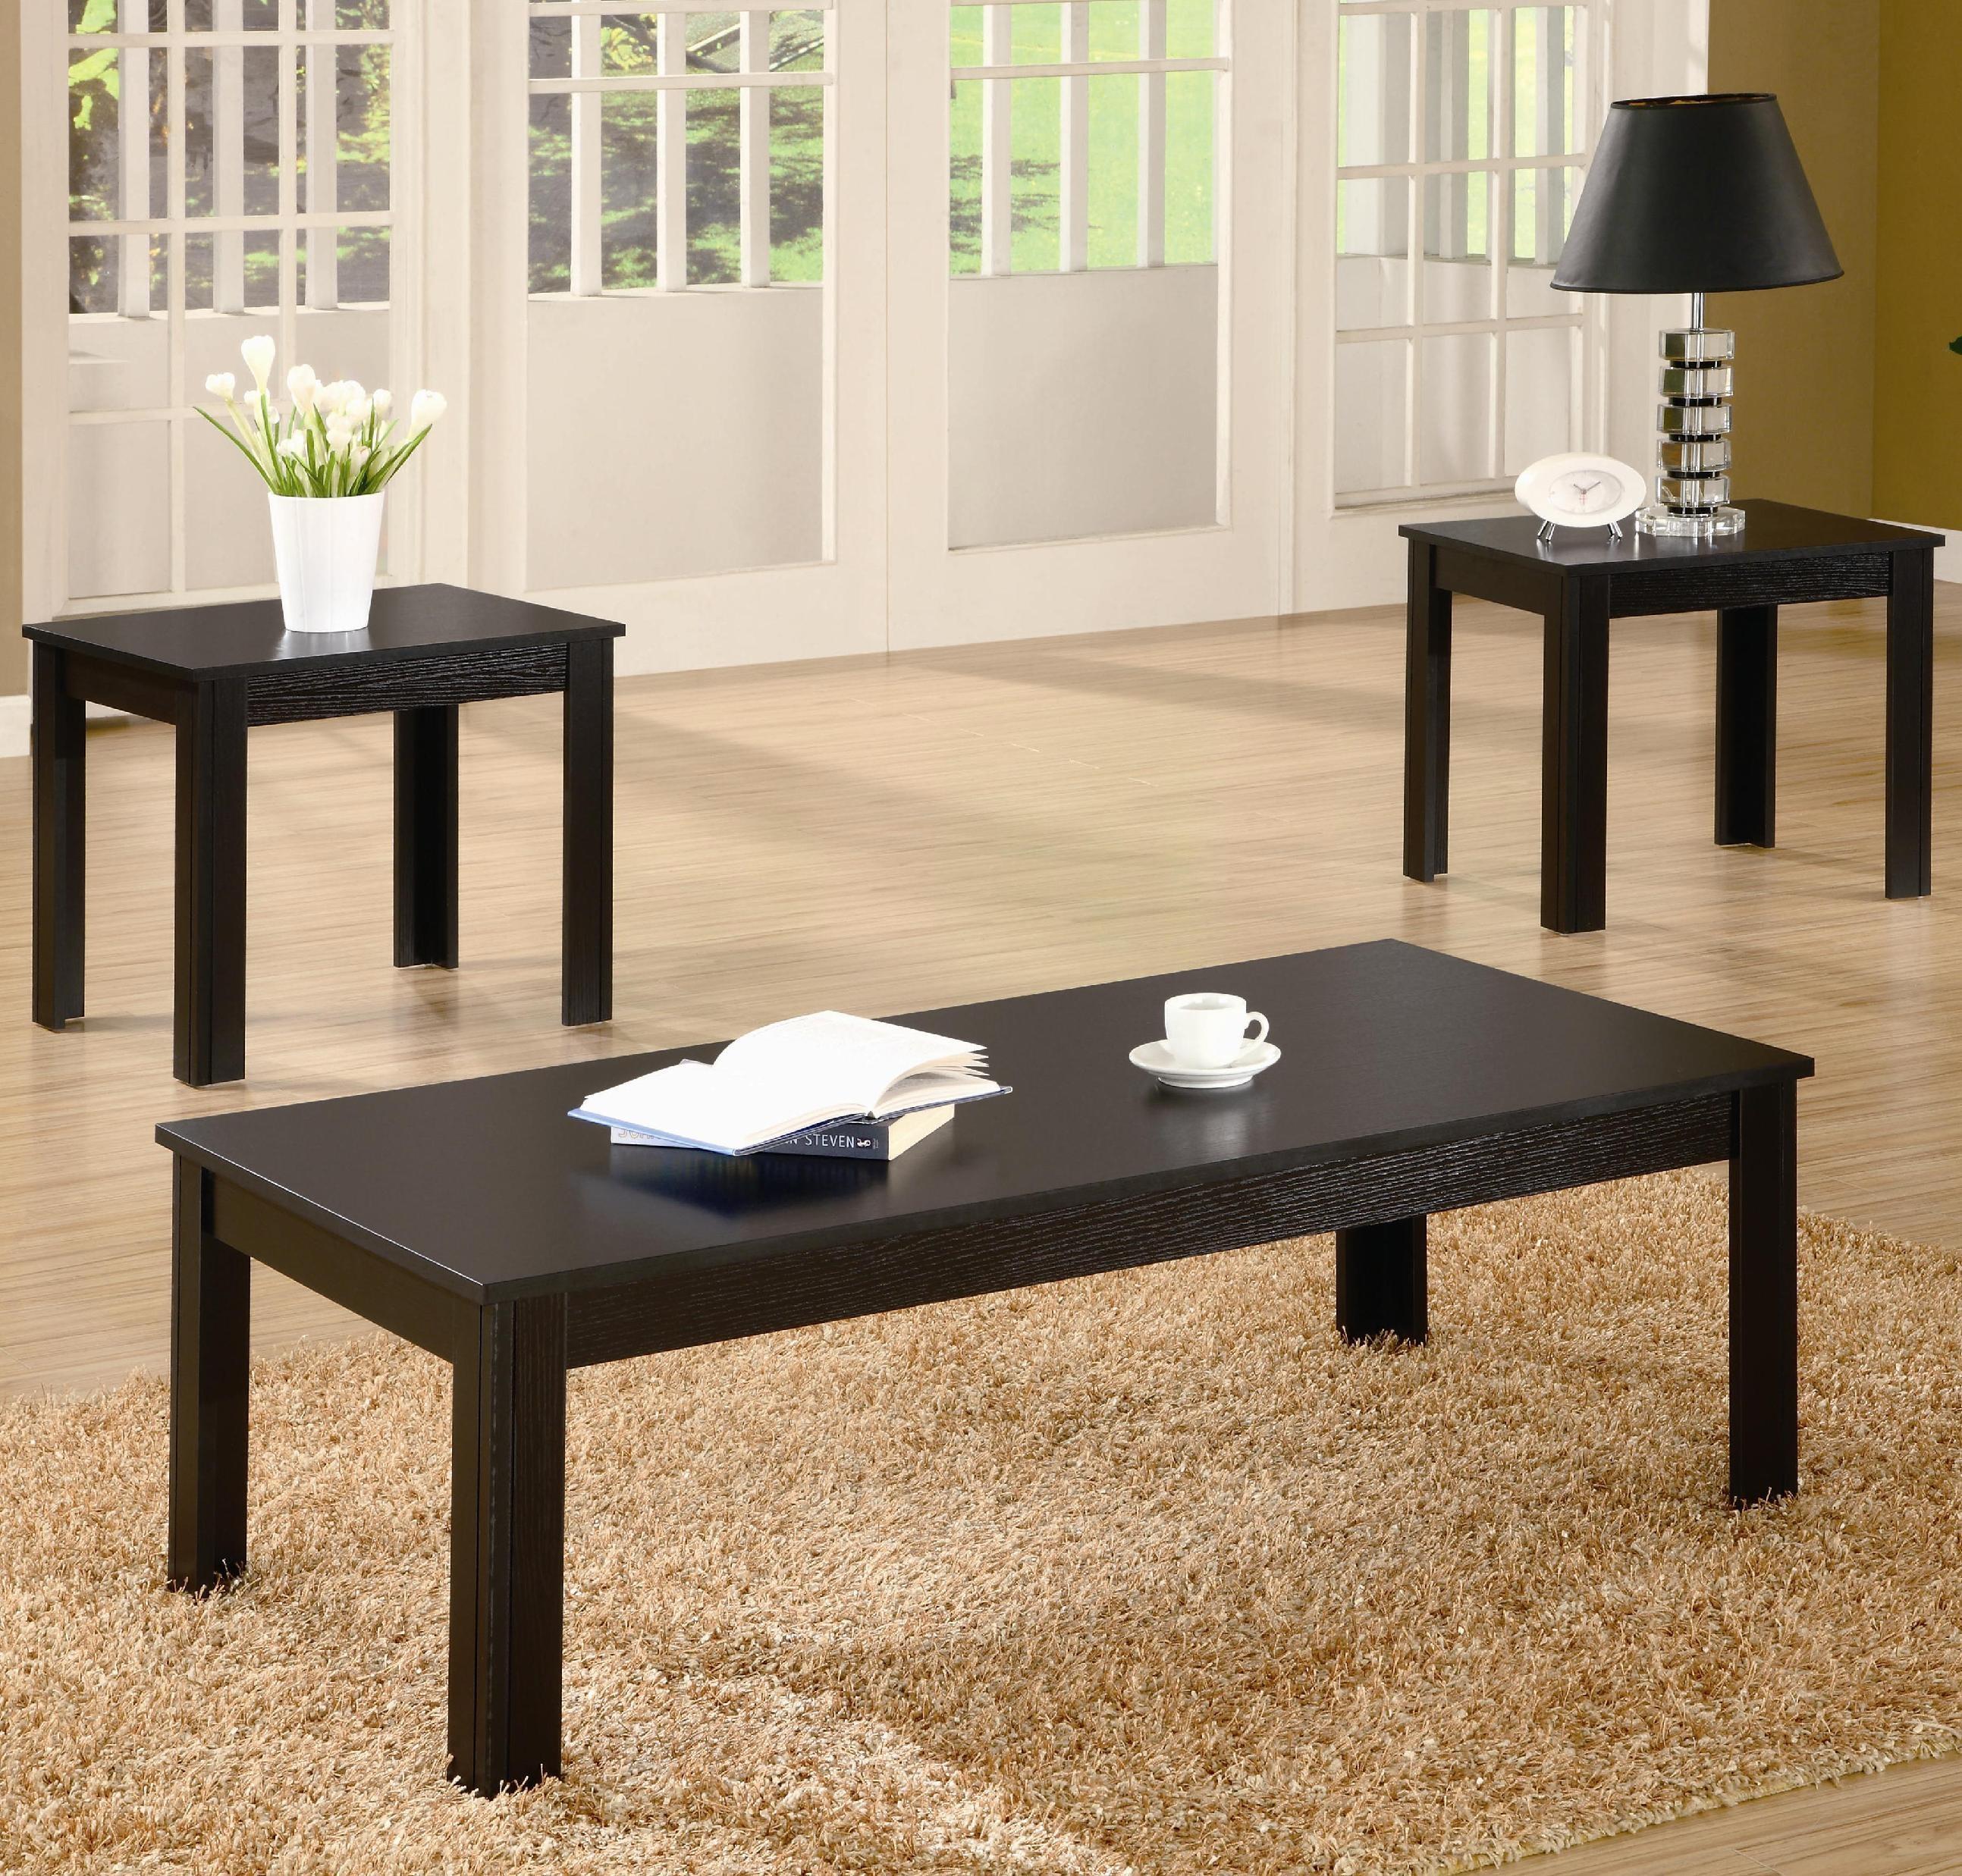 700225. 3 Pc Set  sc 1 st  Furniture Kingdom & Coaster Furniture - Furniture Kingdom - Gainesville FL